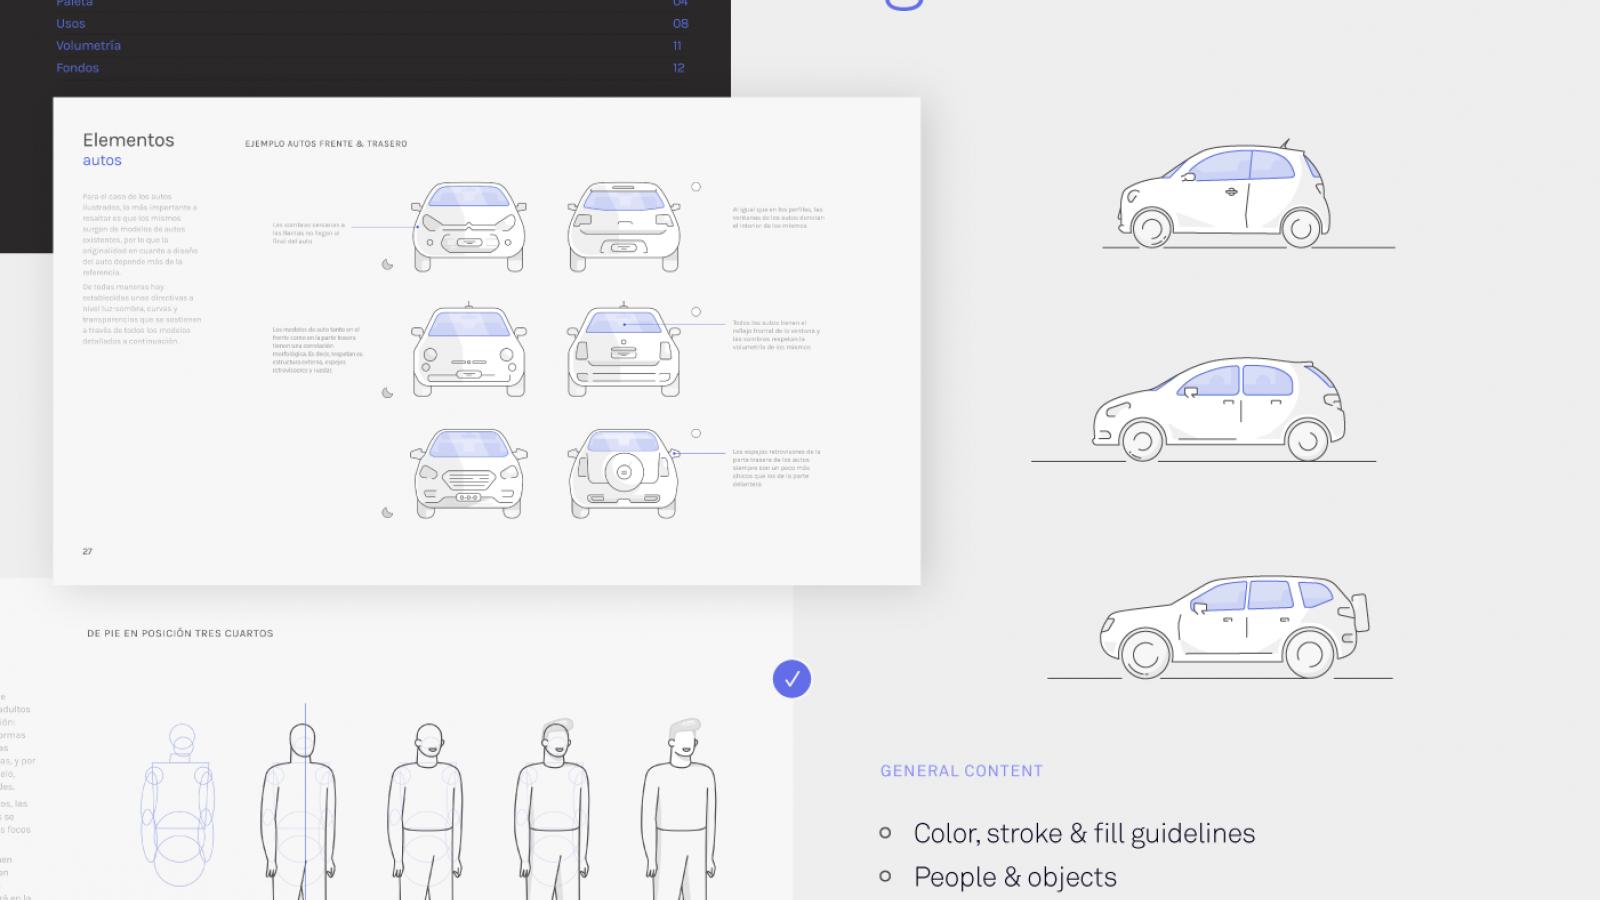 Lūnigo, todas las ilustraciones asegurador digitales para la interfaz de usuario